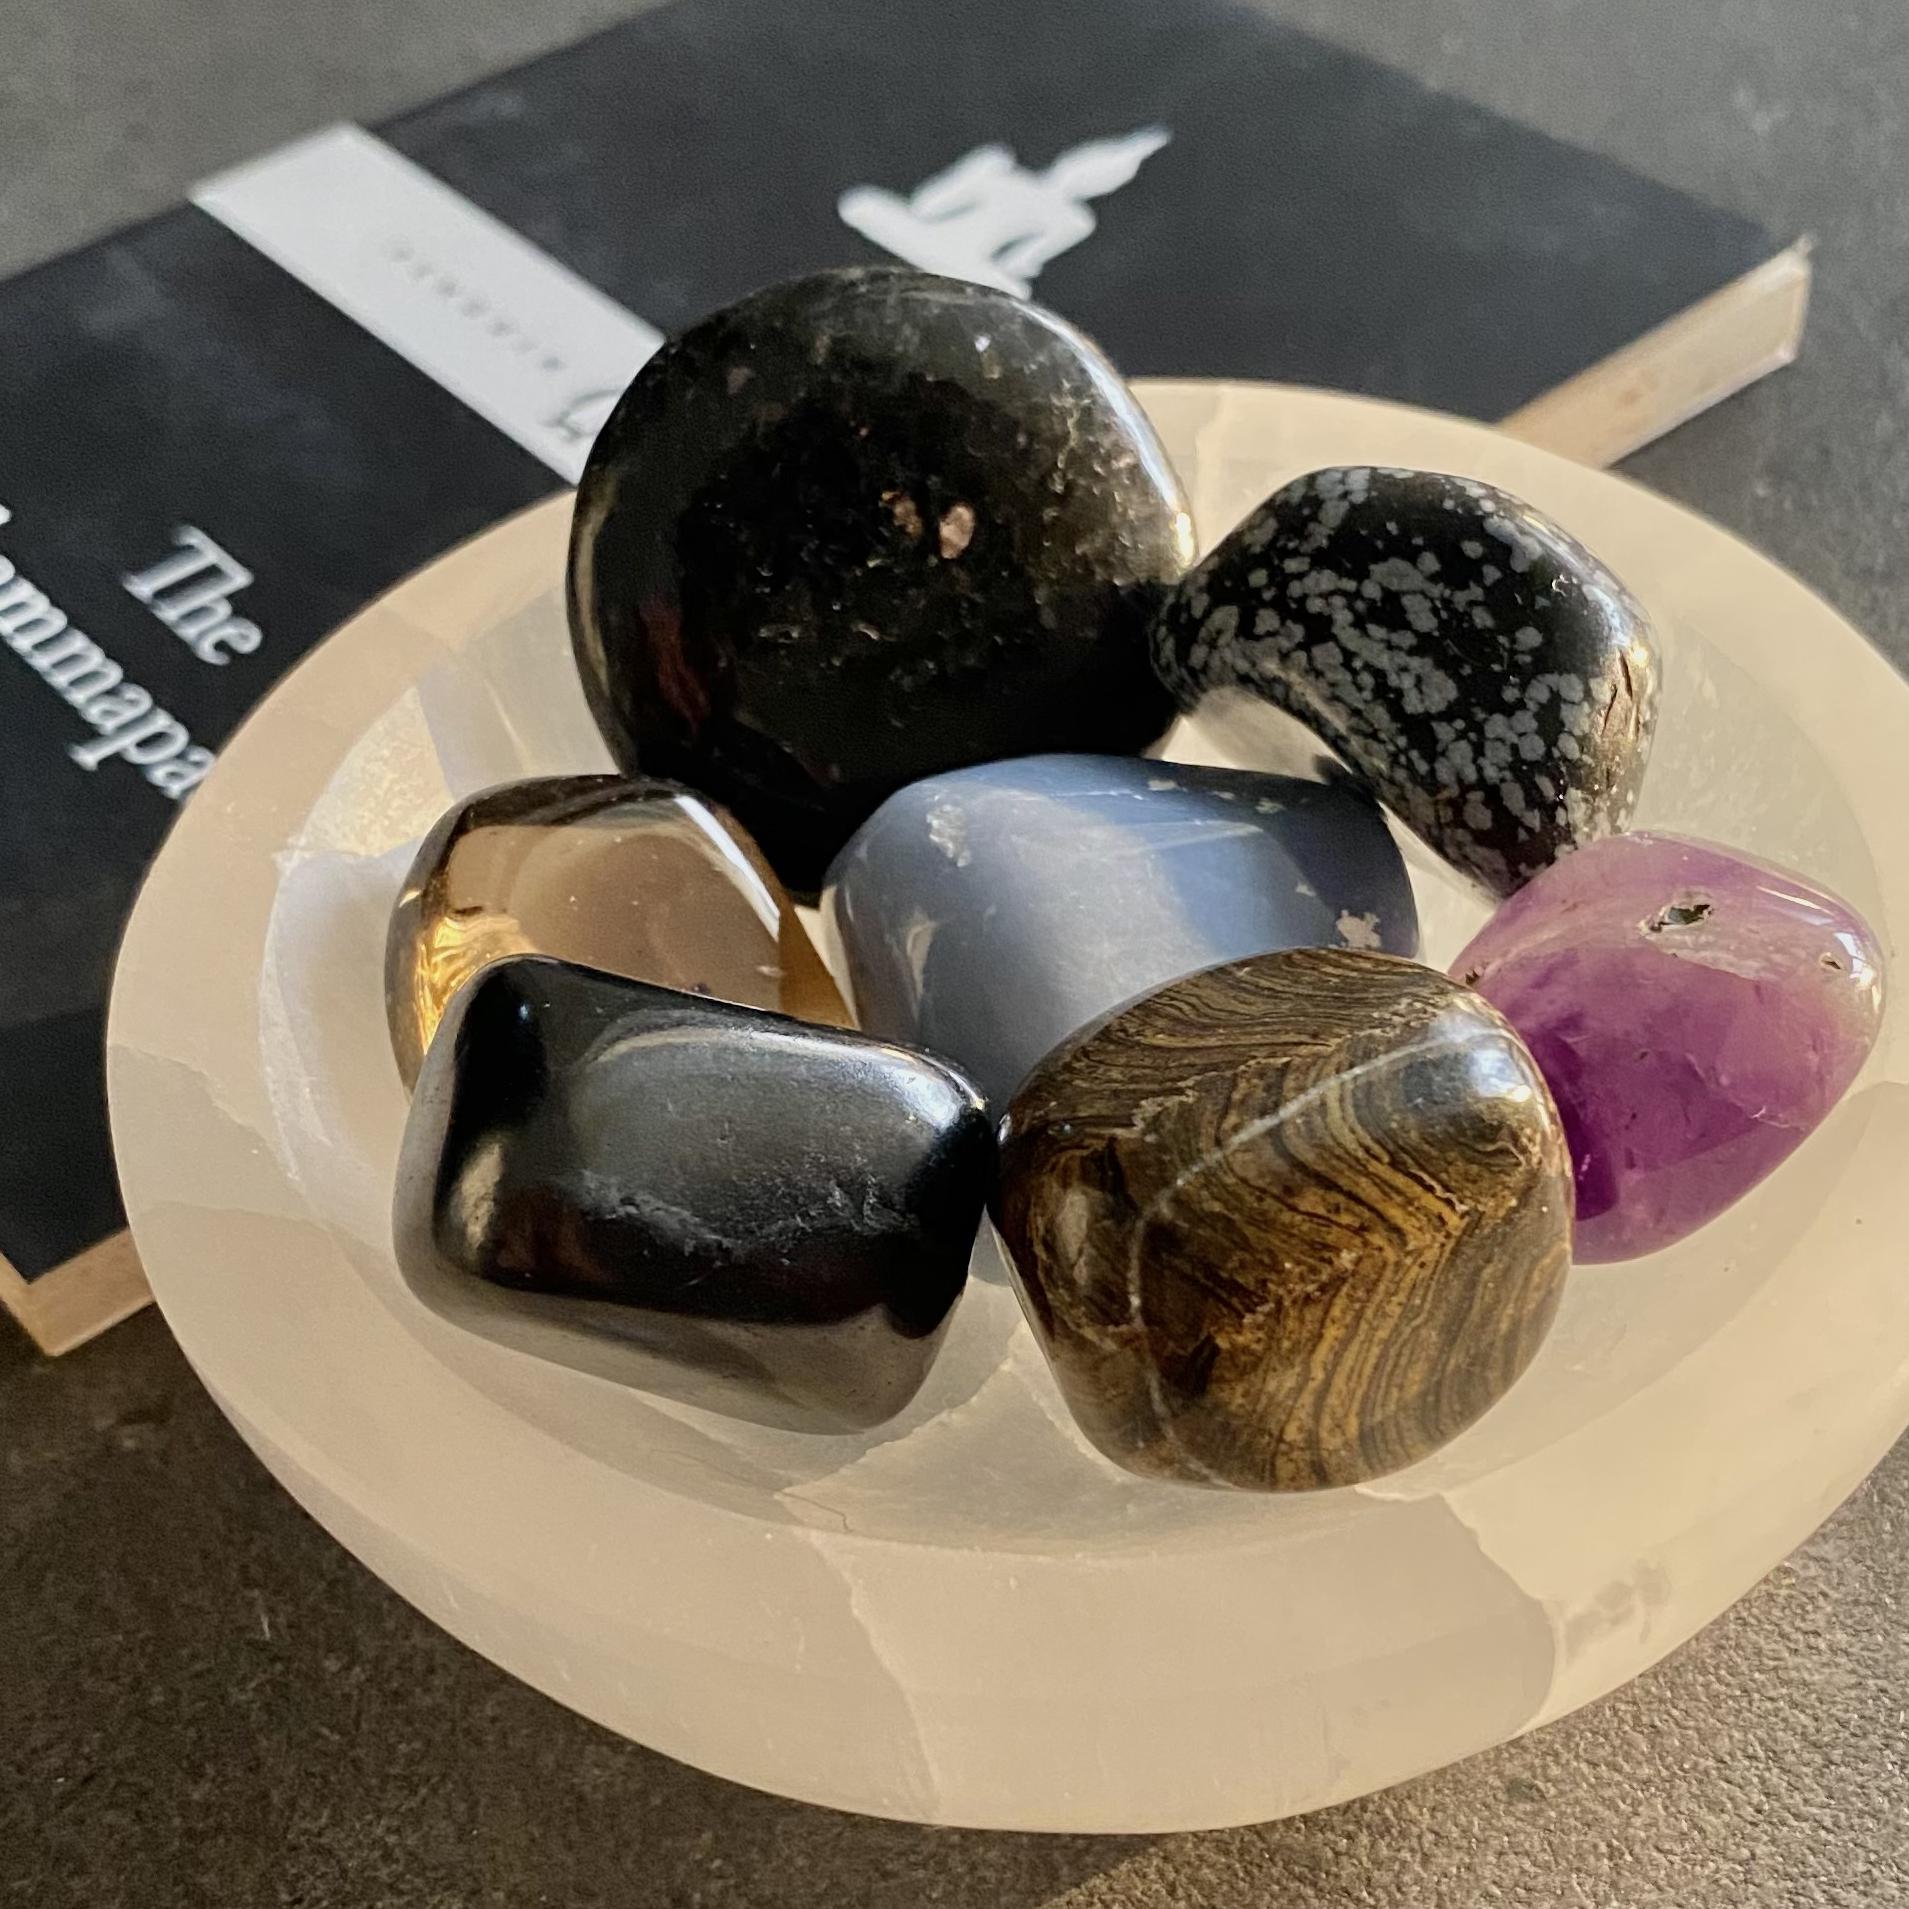 Crystals%20%2B%20Selenite%20bowl.jpg?1631590008186